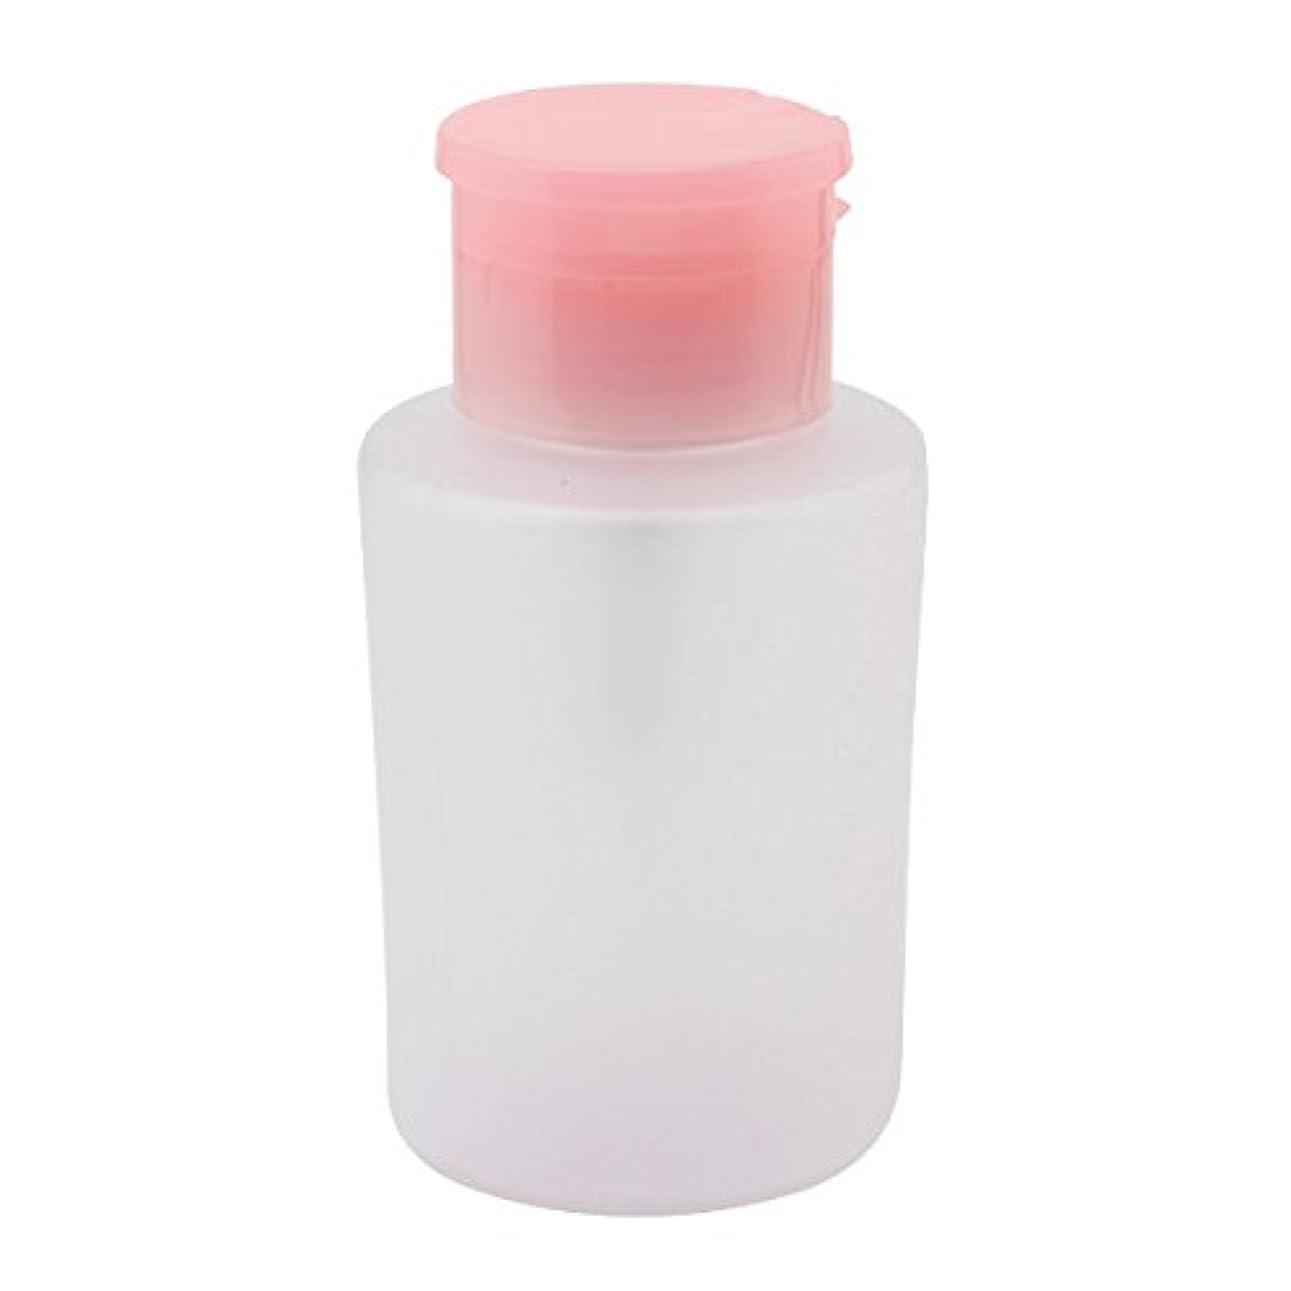 疼痛地下リスプッシュ式 ポンプディスペンサー 200ml ピンク [ ディスペンサー 空ボトル 空容器 ボトル 容器 ポンプ リムーバー ネイルケア ]